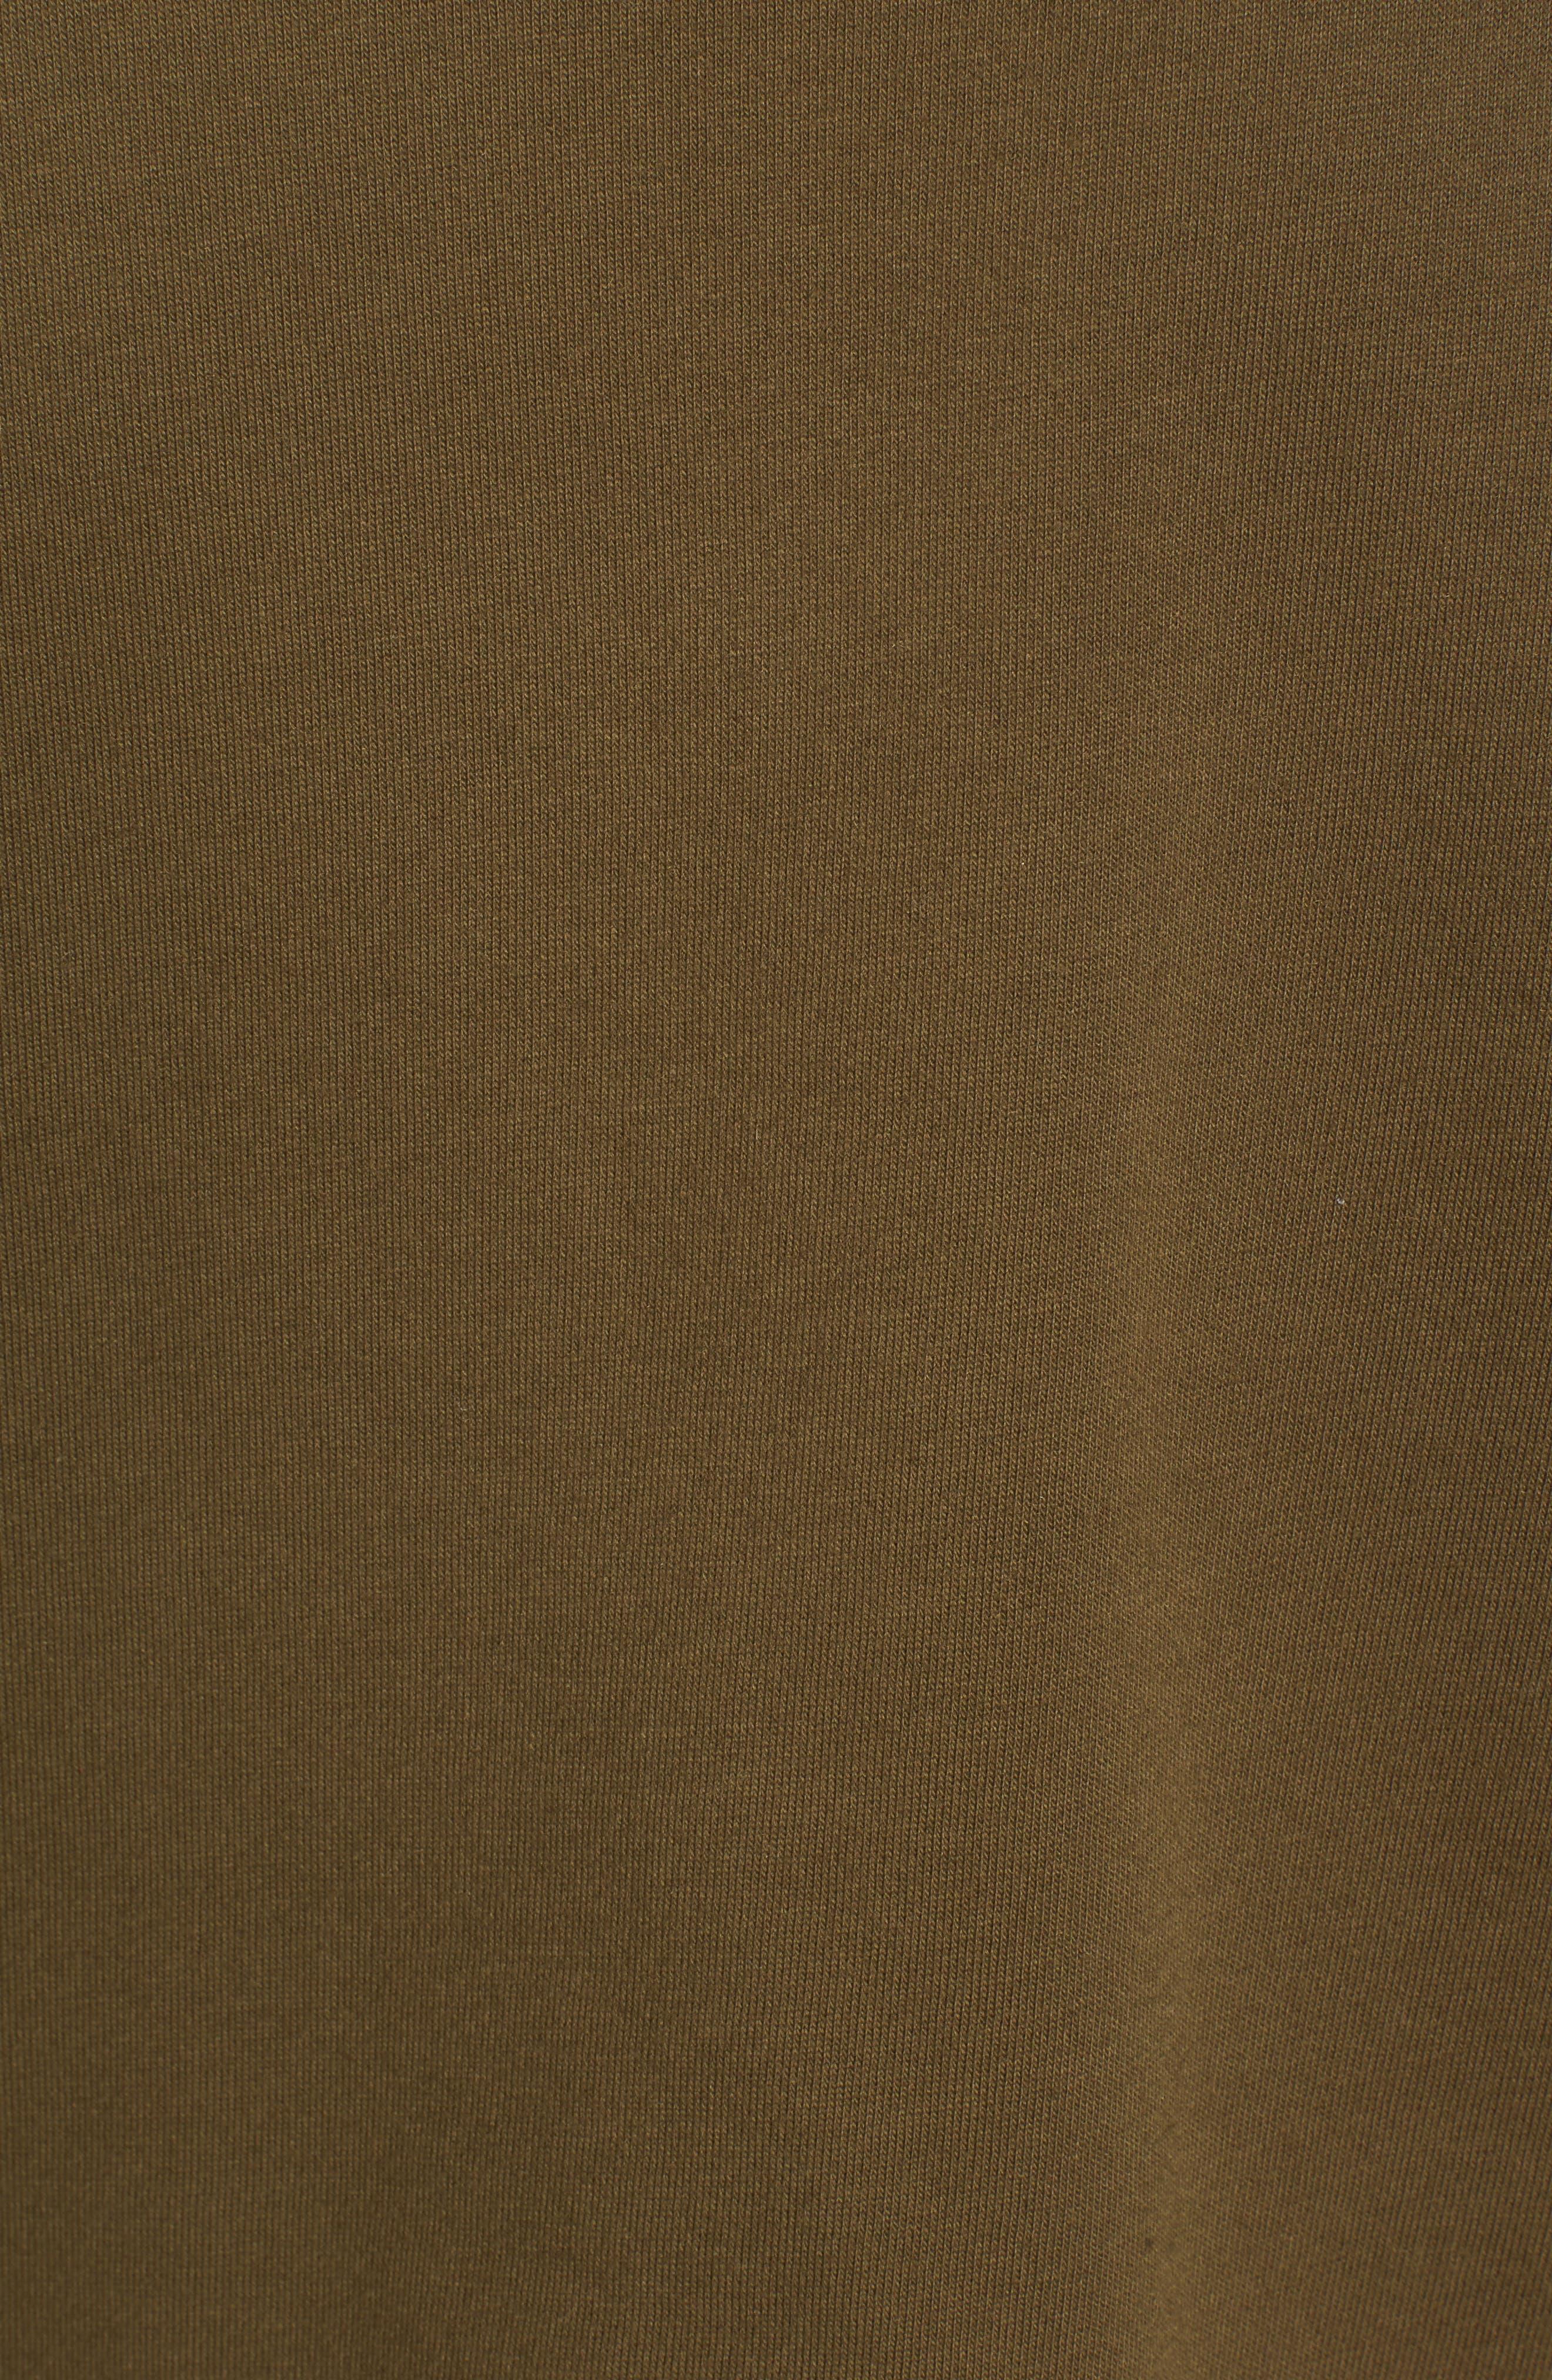 Alternate Image 5  - BP. Pleat Sleeve Sweater